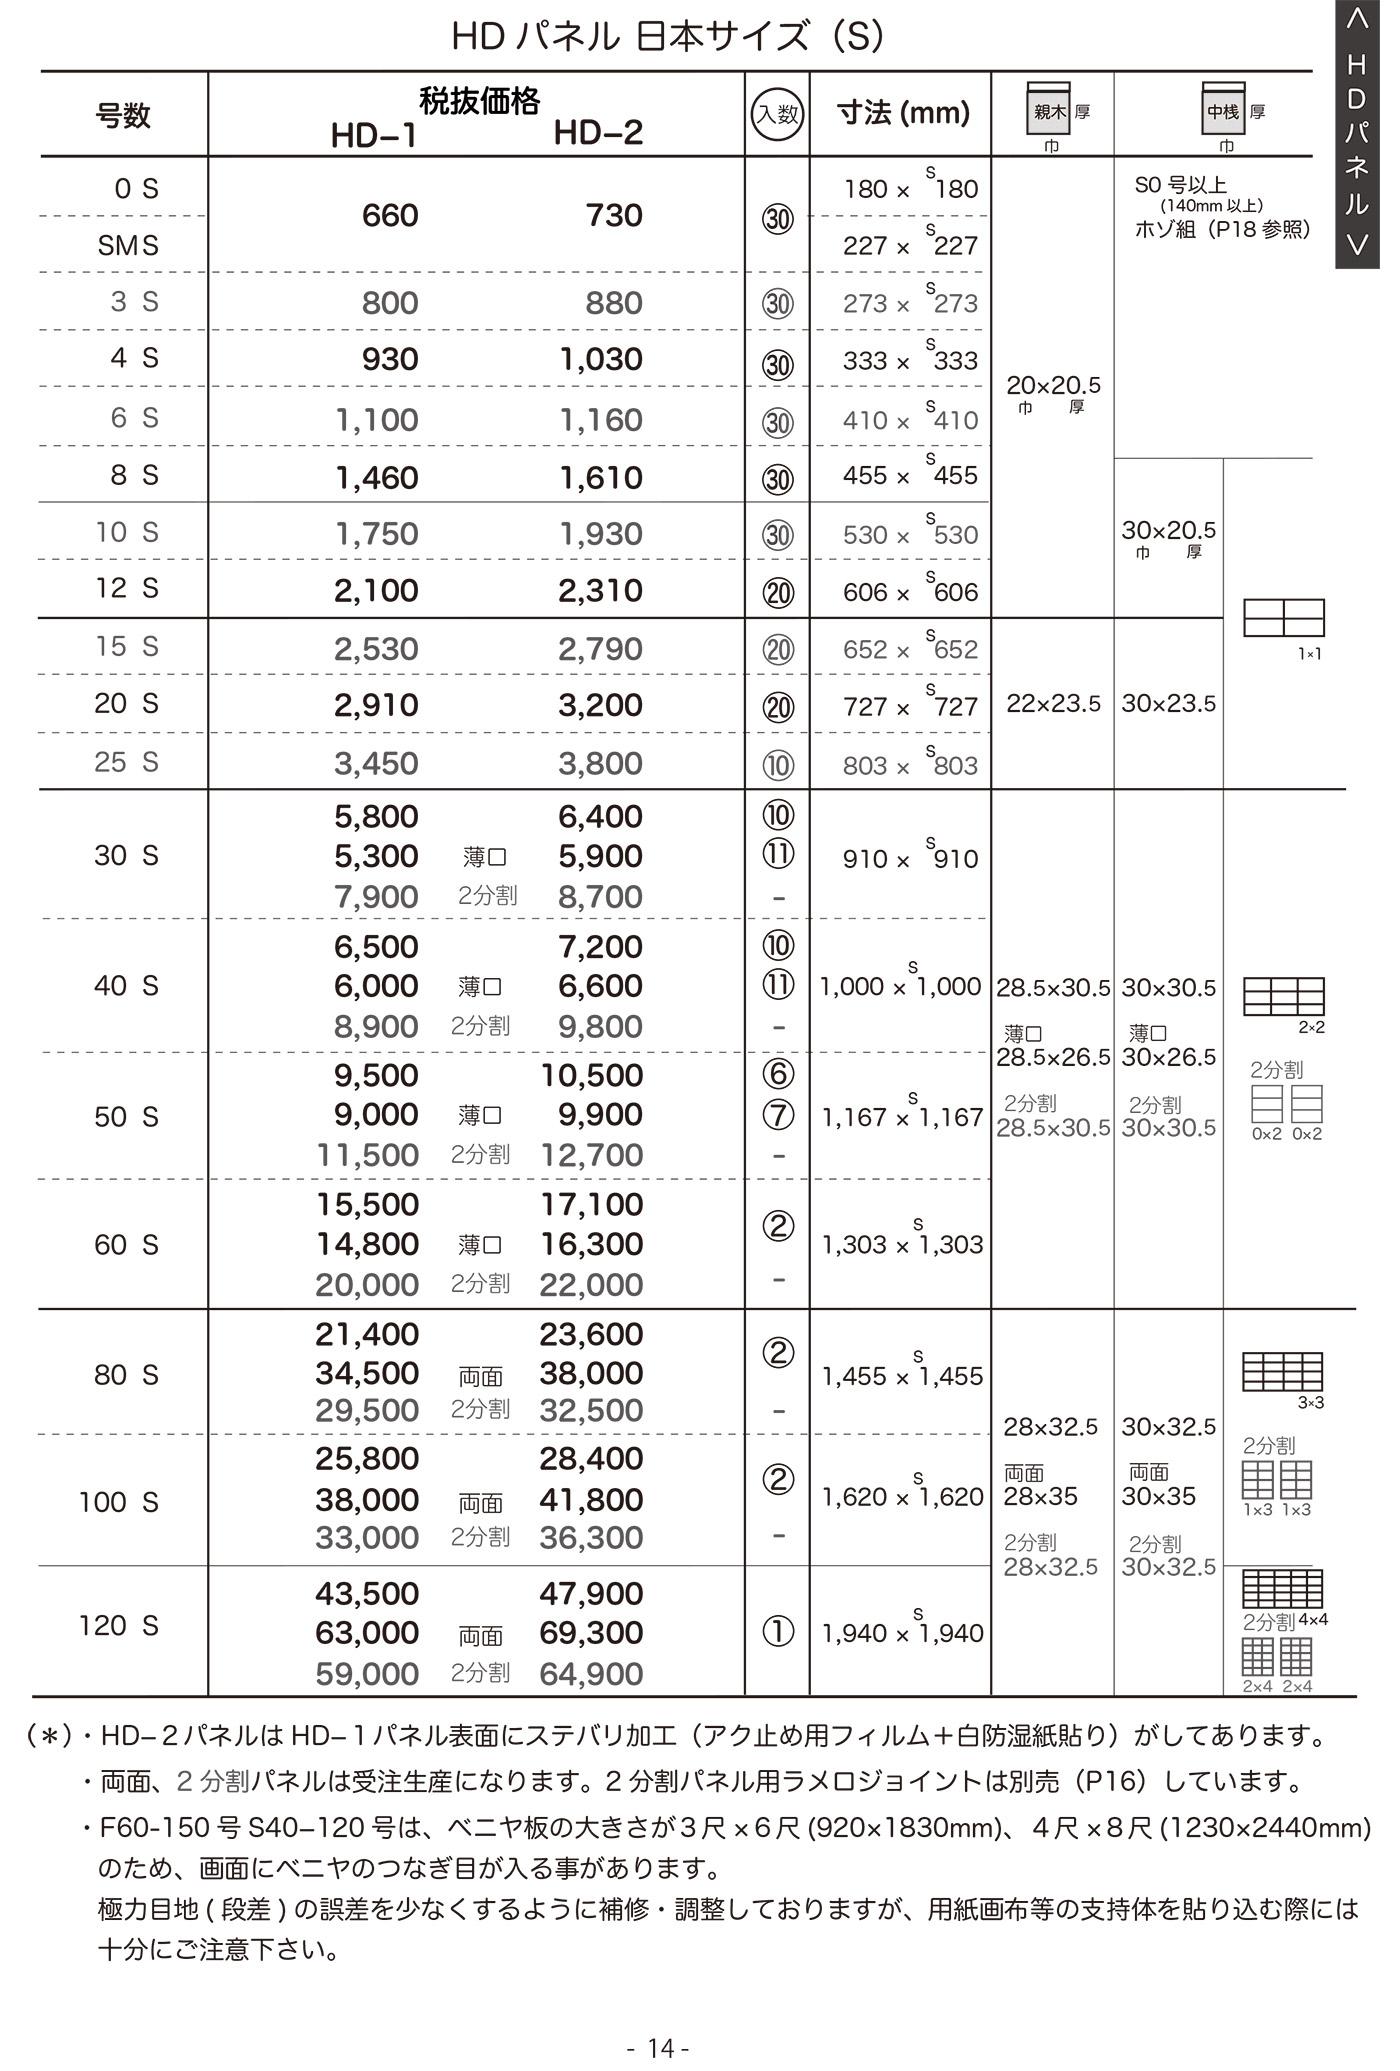 HDパネル日本サイズS